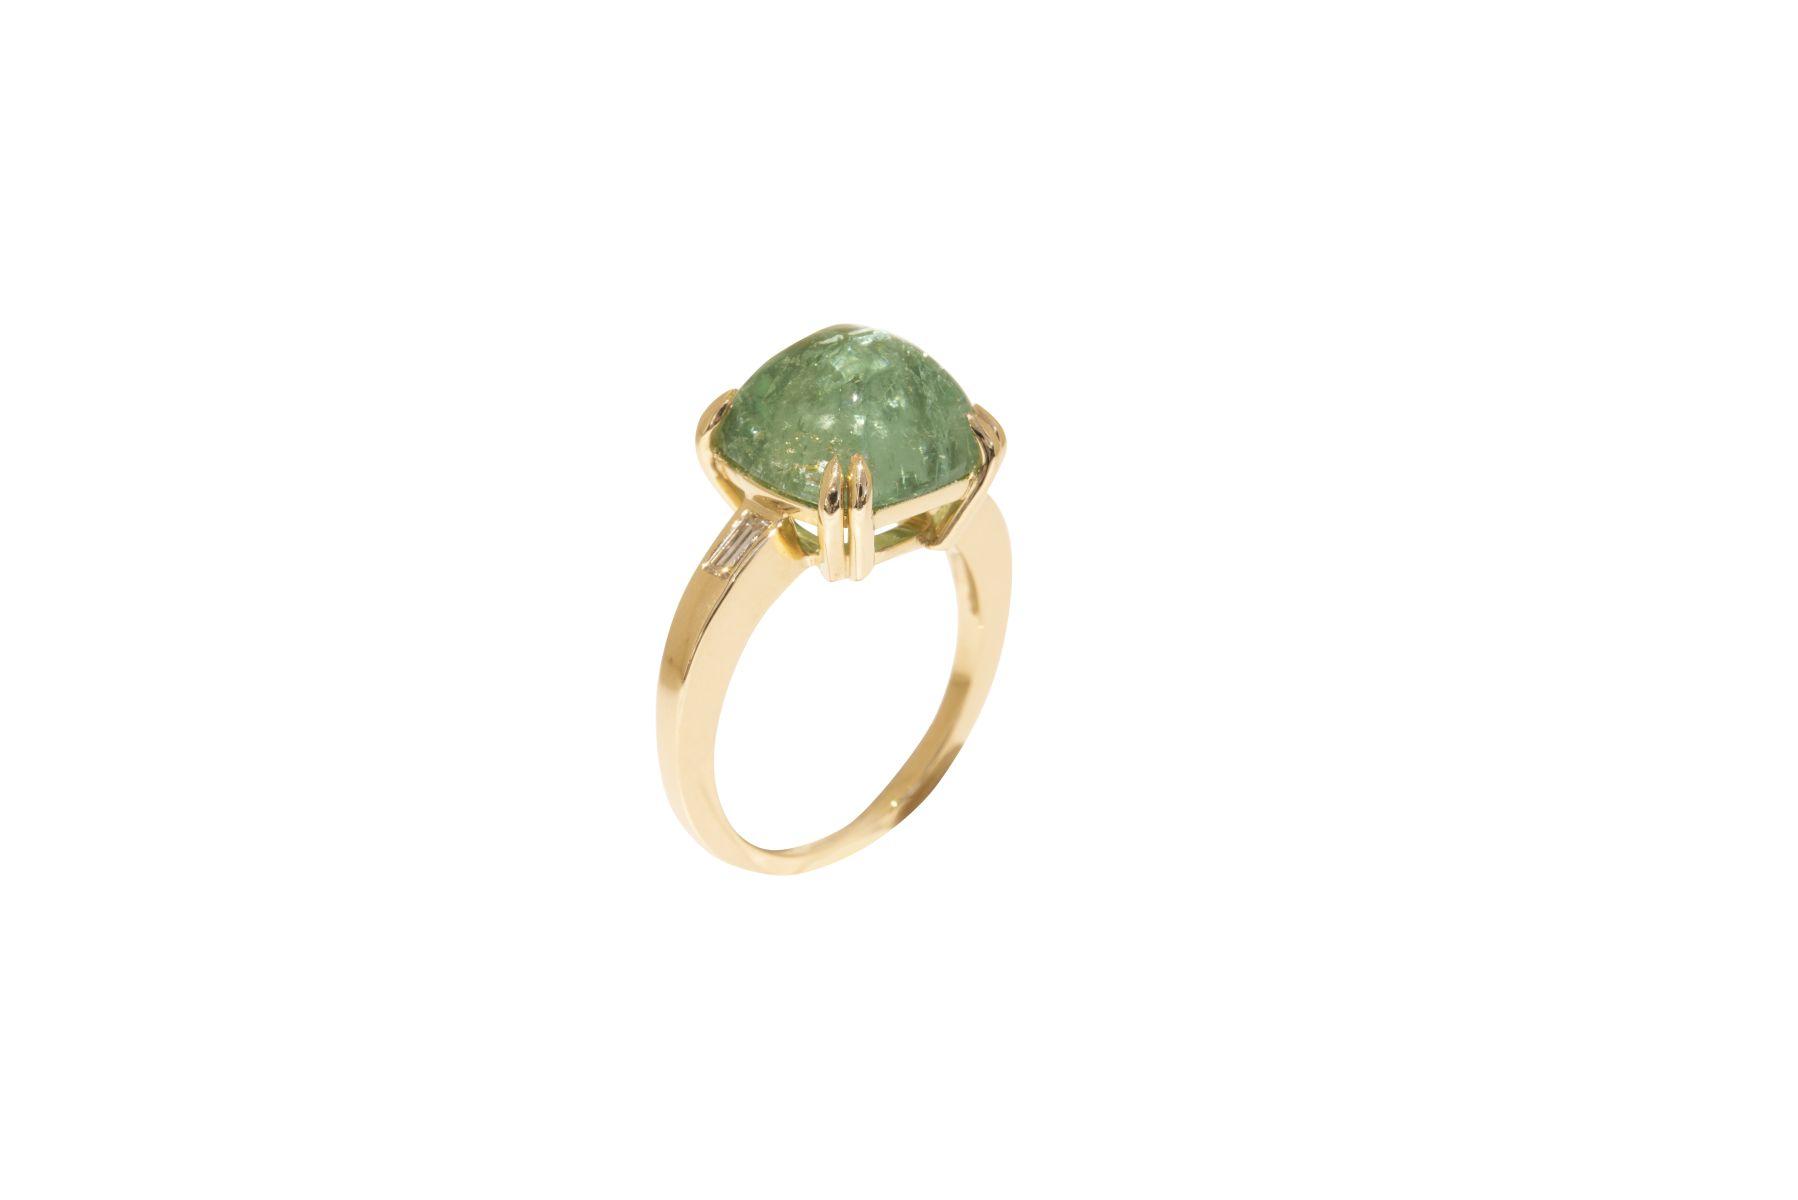 #211 Ring | Ring Image